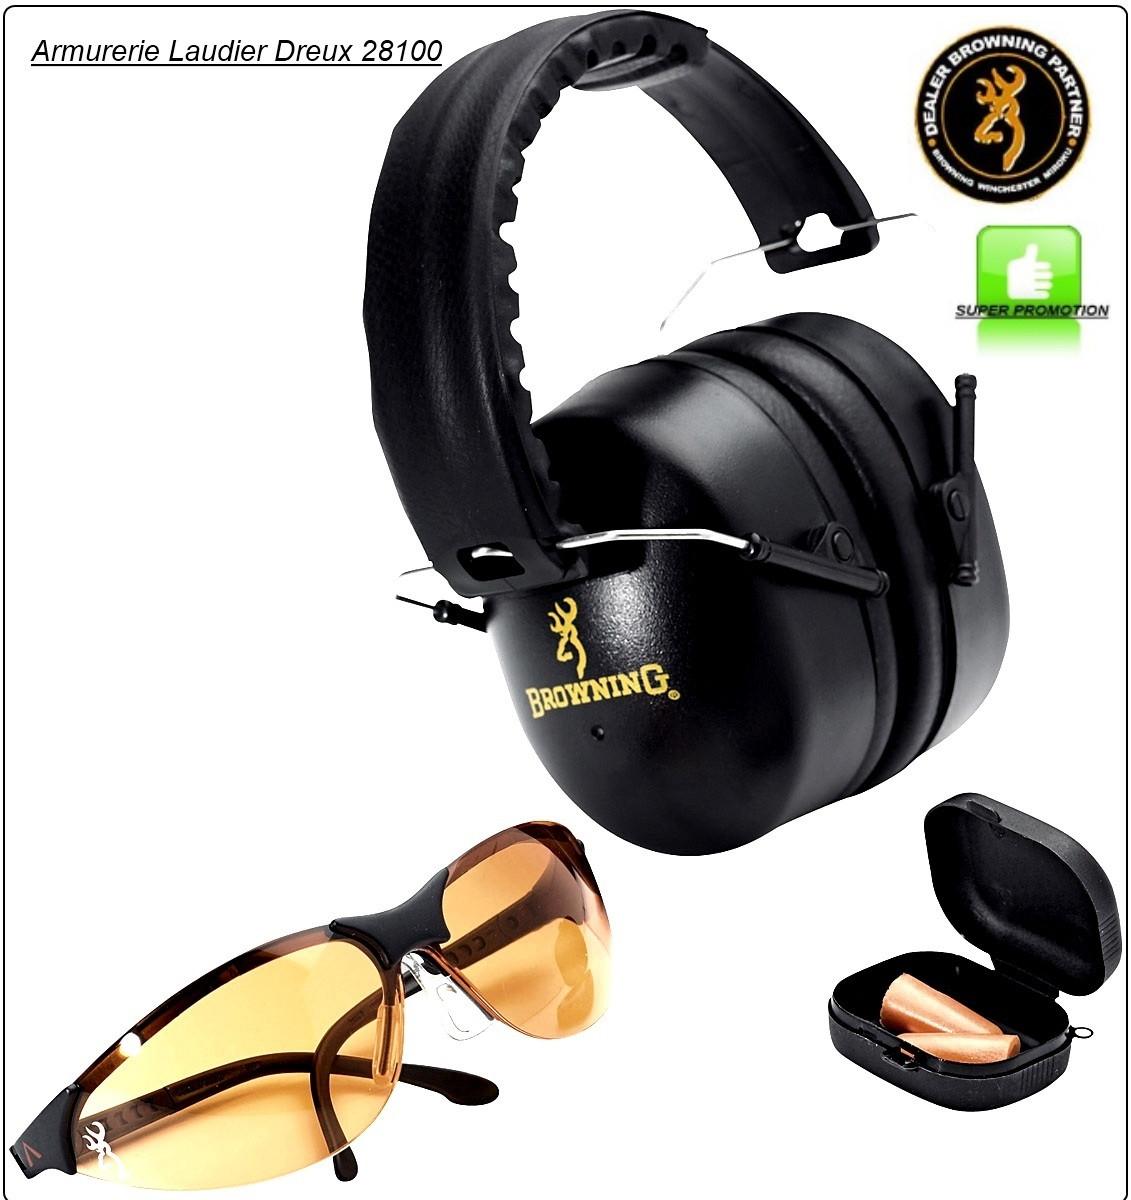 ee424e3f82cafc Casque-Browning- Protection-avec kit lunette- et bouchon d oreilles-Ref  17336